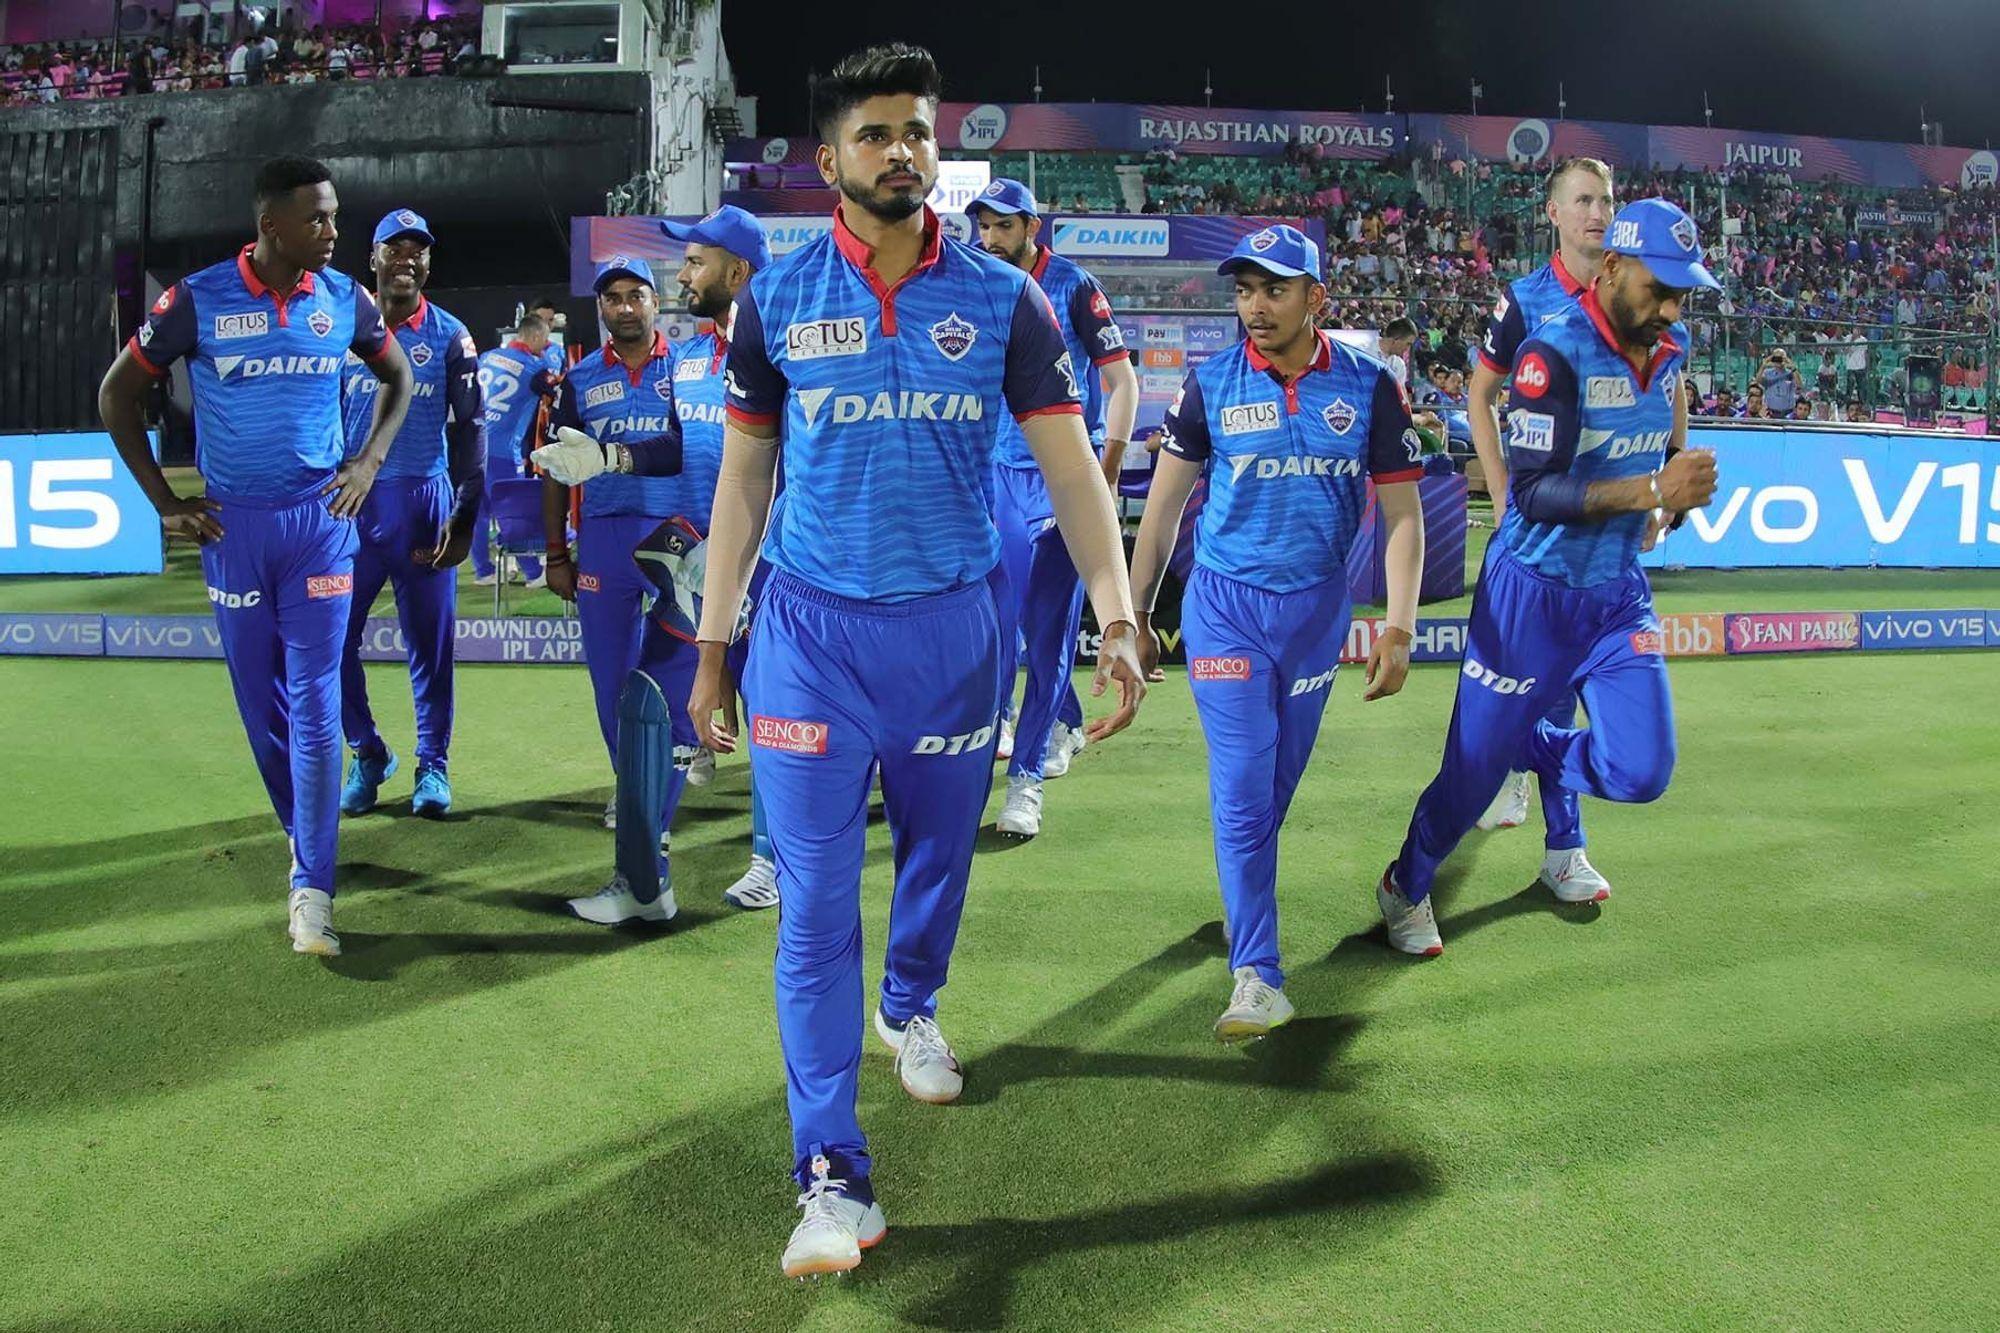 आईपीएल 2019 : दिल्ली कैपिटल्स के सीनियर खिलाड़ी ने गुस्से में खोया अपना आपा, ऋषभ पंत को मारी गेंद! 74